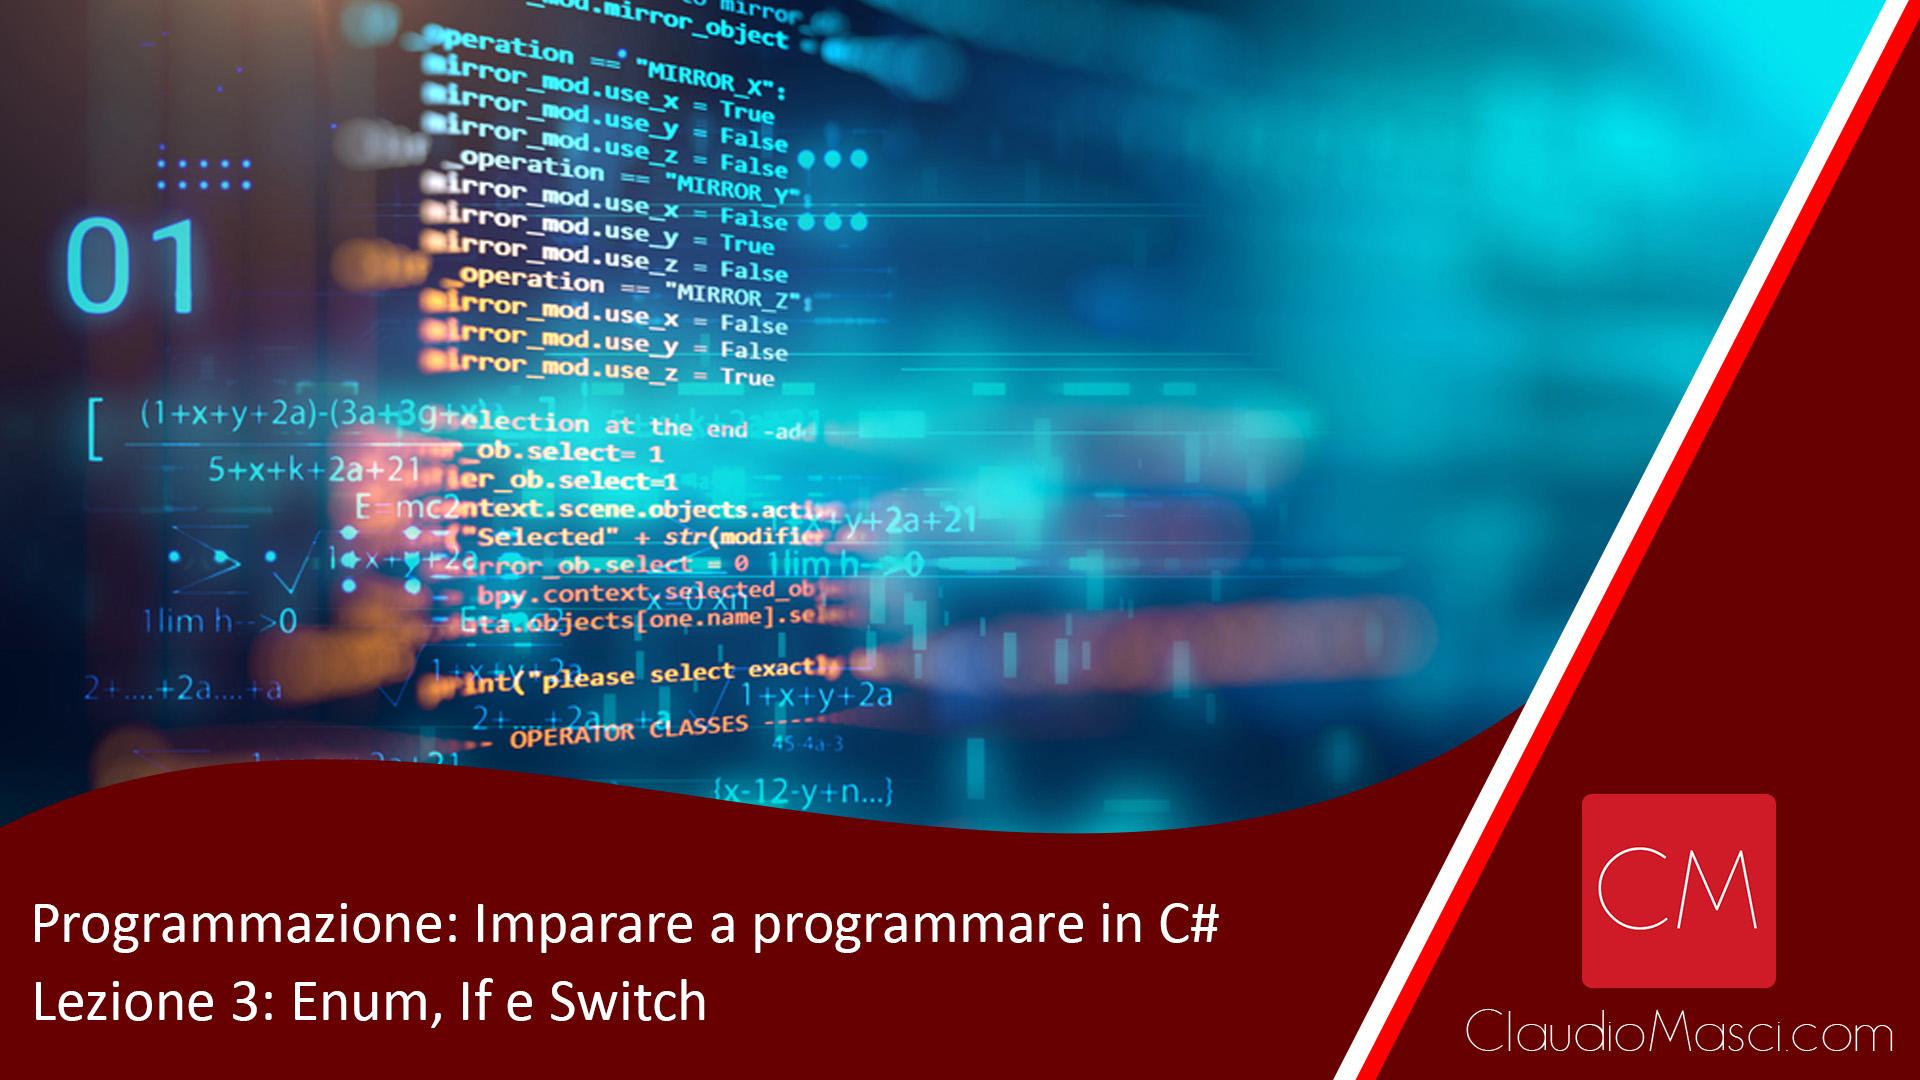 Programmazione: Imparare a programmare in C# – Lezione 3: Enum, If e Switch